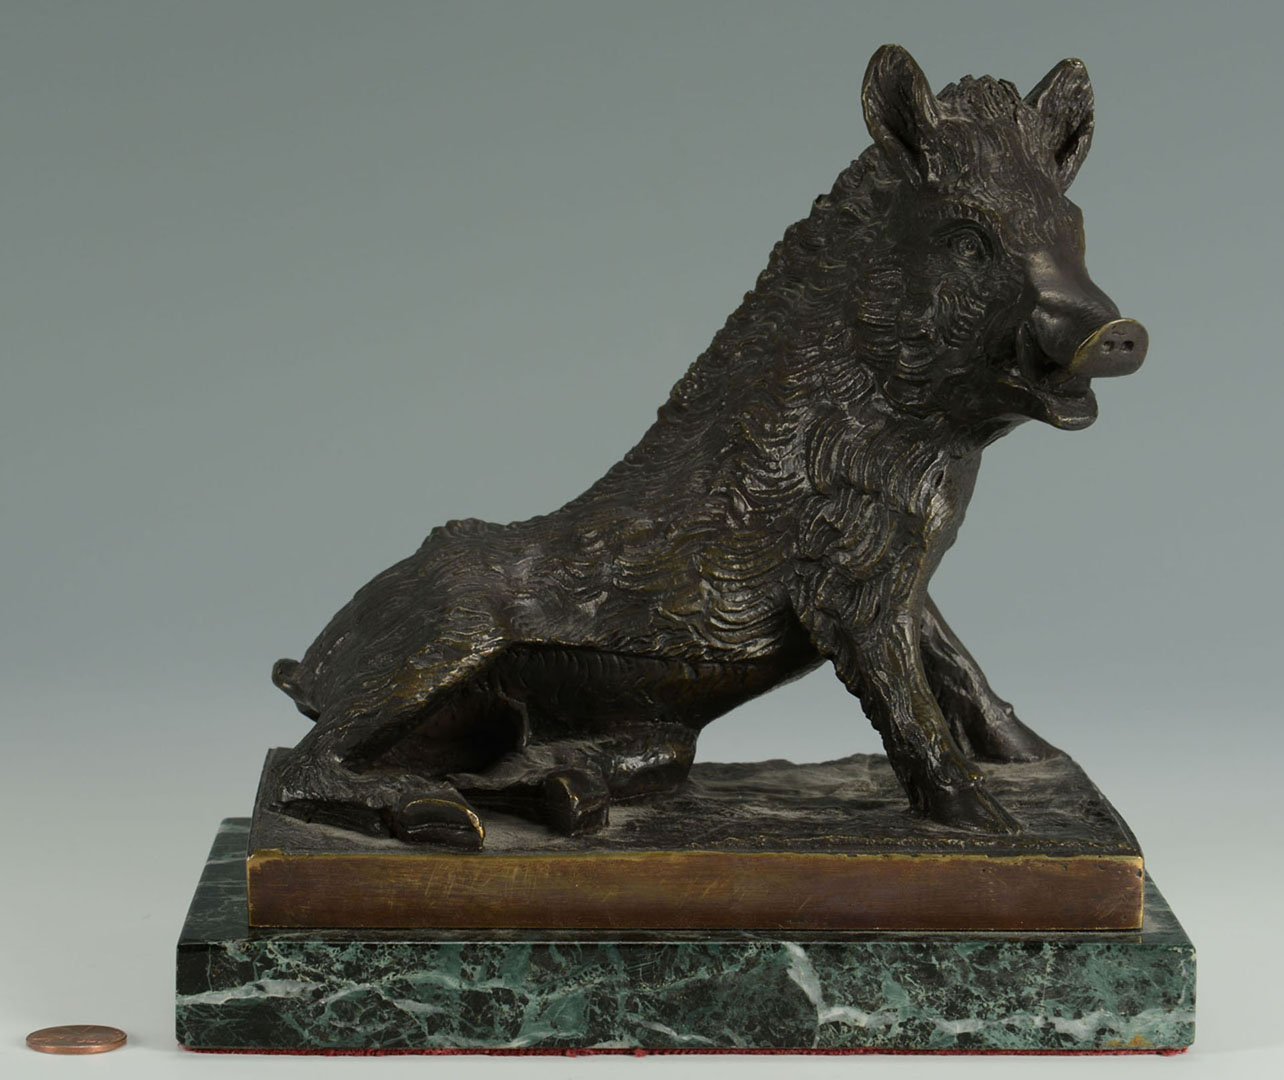 Lot 2872275: After V. Chemin Bronze Sculpture of Boar